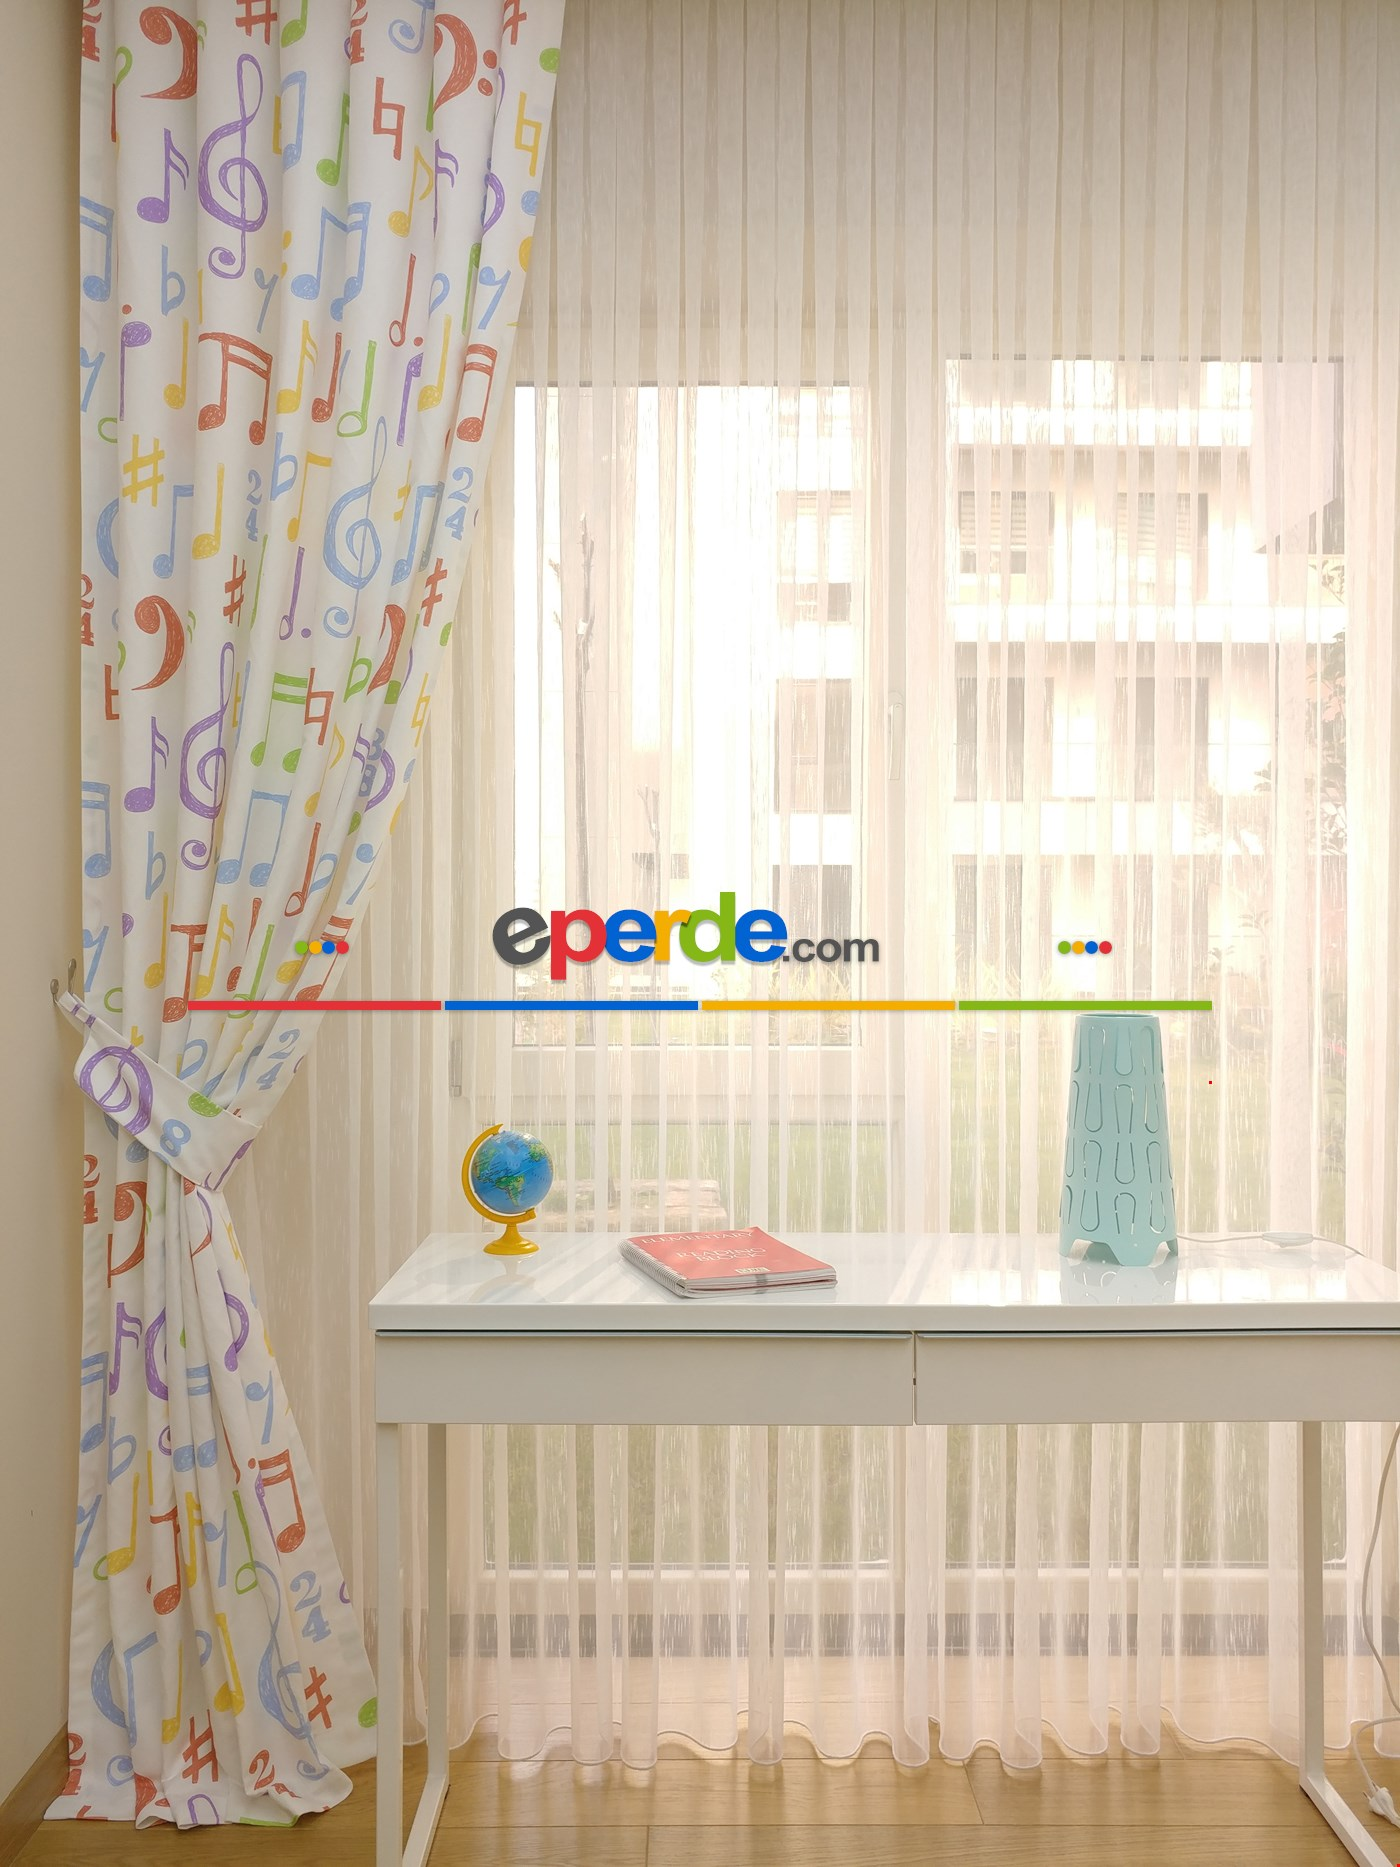 Notalar Kız & Erkek Çocuk Odası Fon Perde & Ana Okulu Perdesi